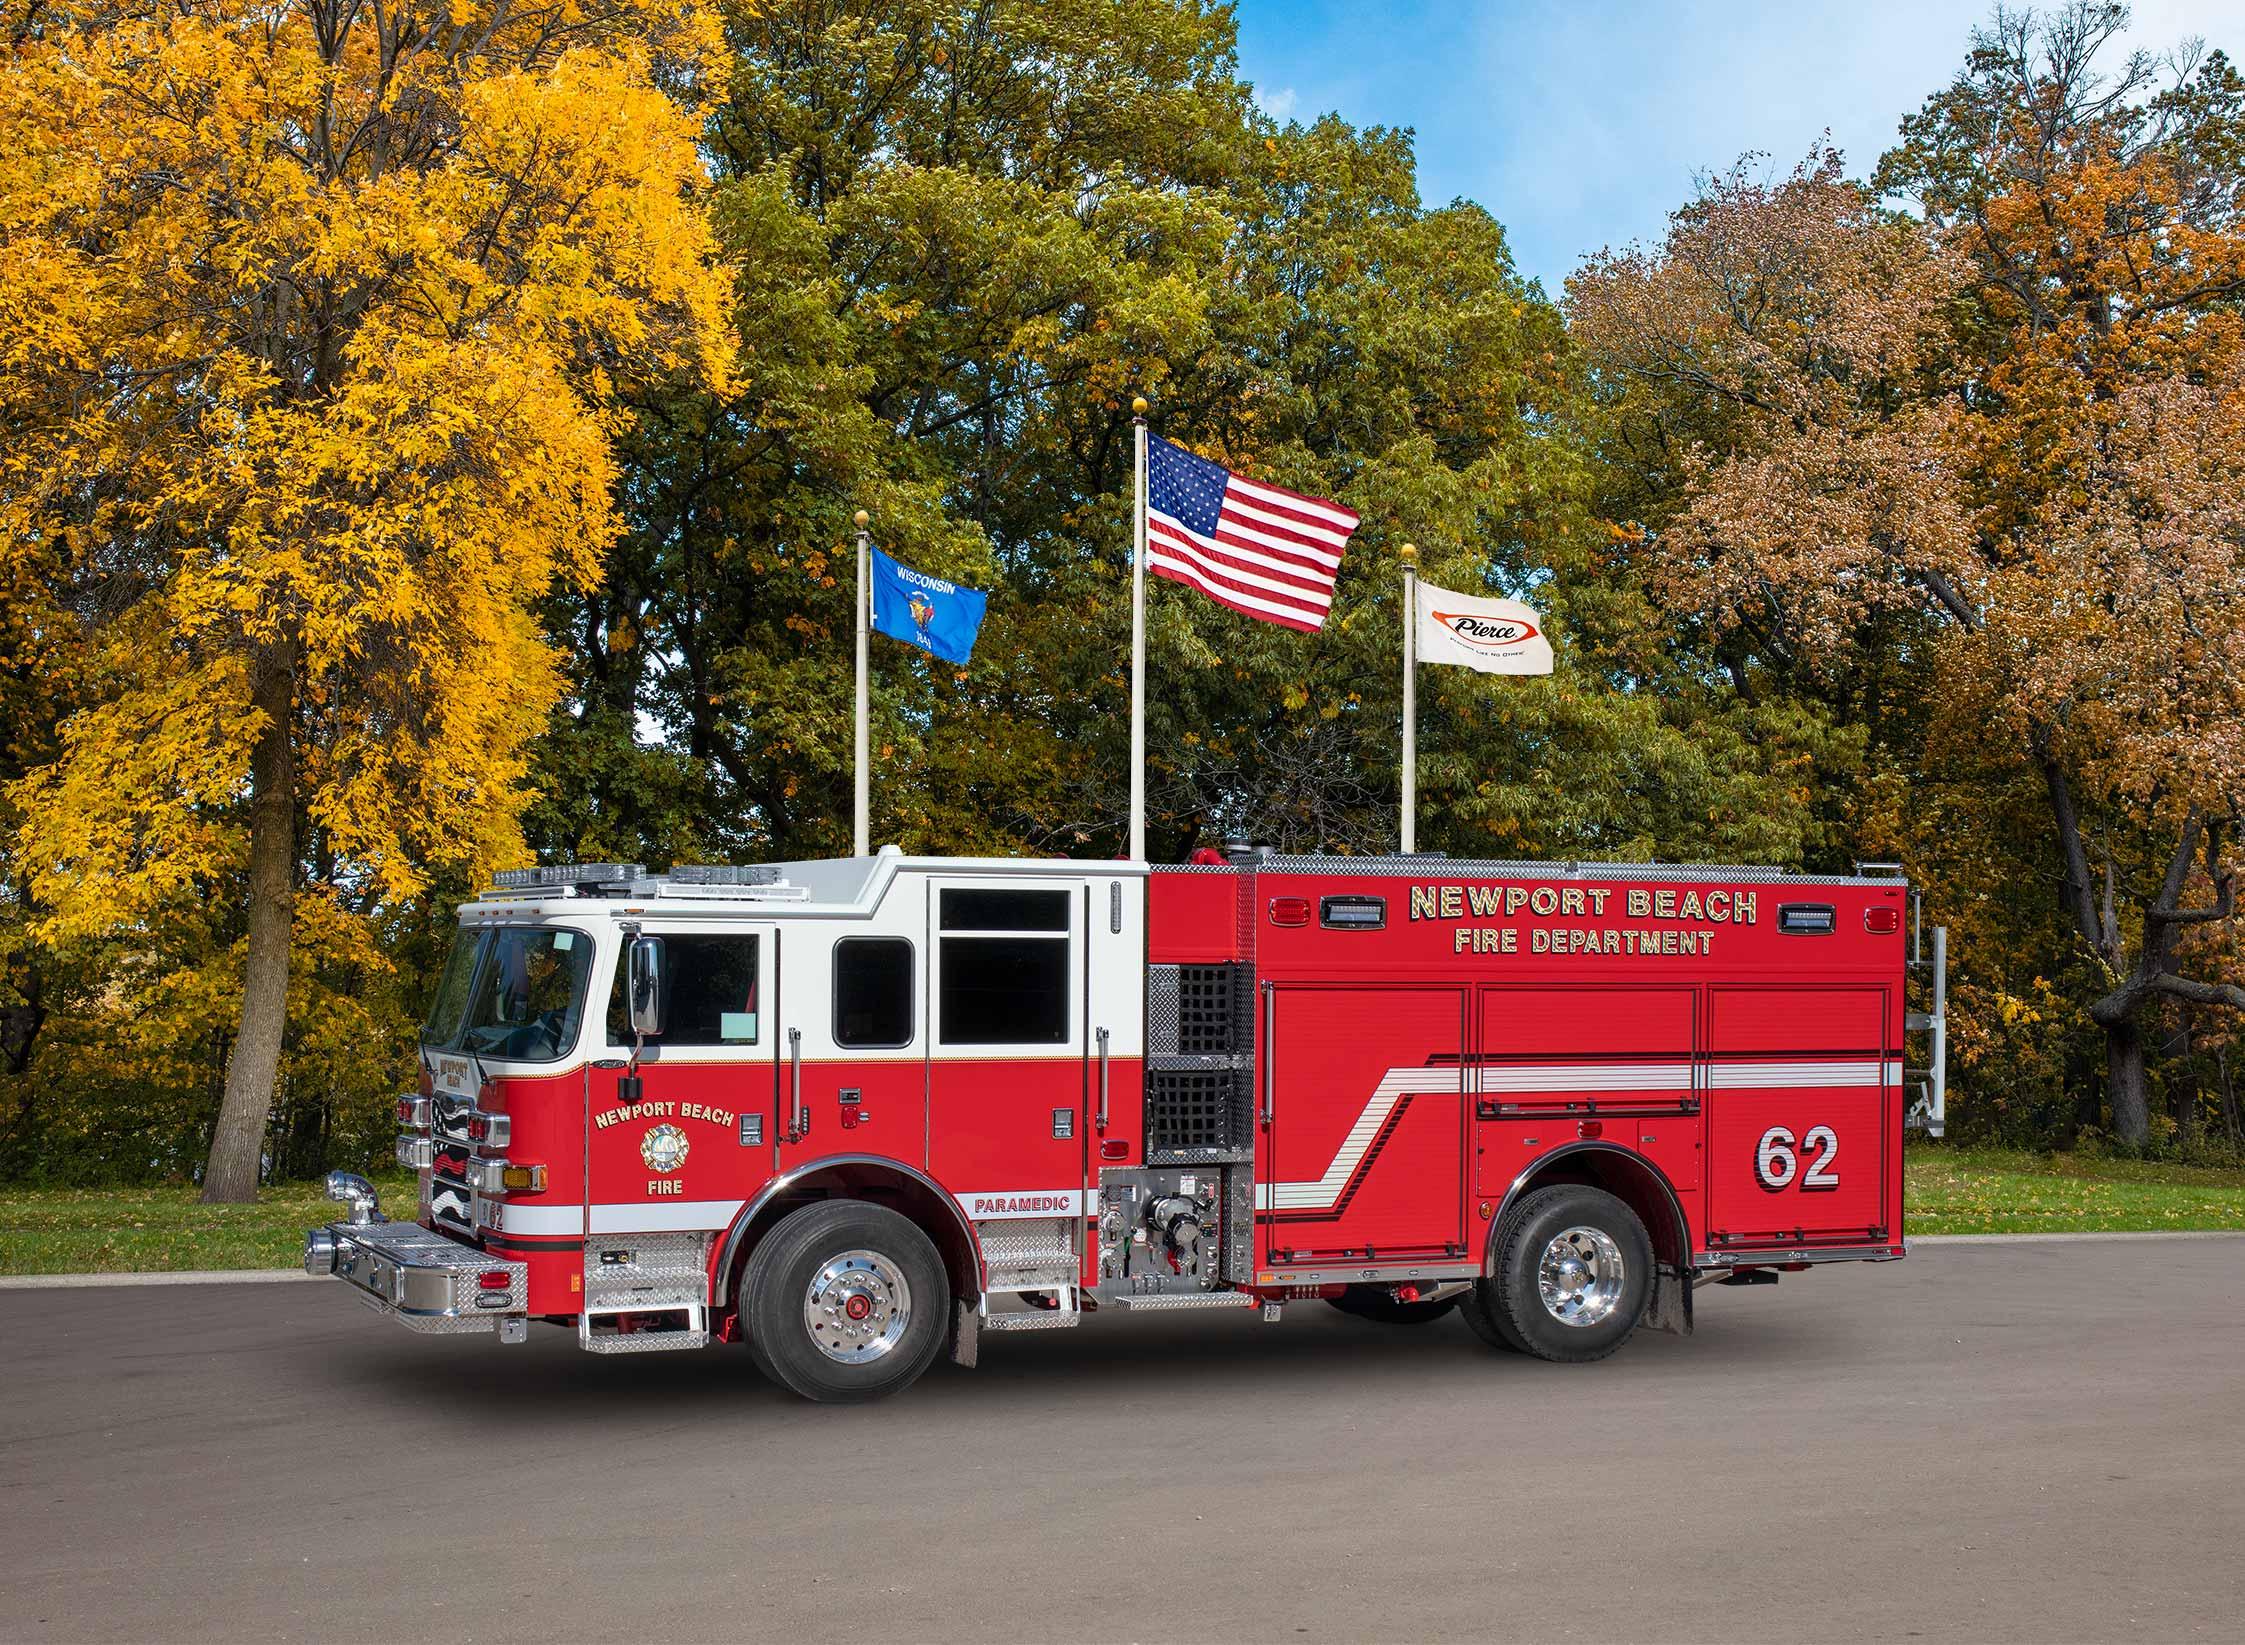 Newport Beach Fire Department - Pumper